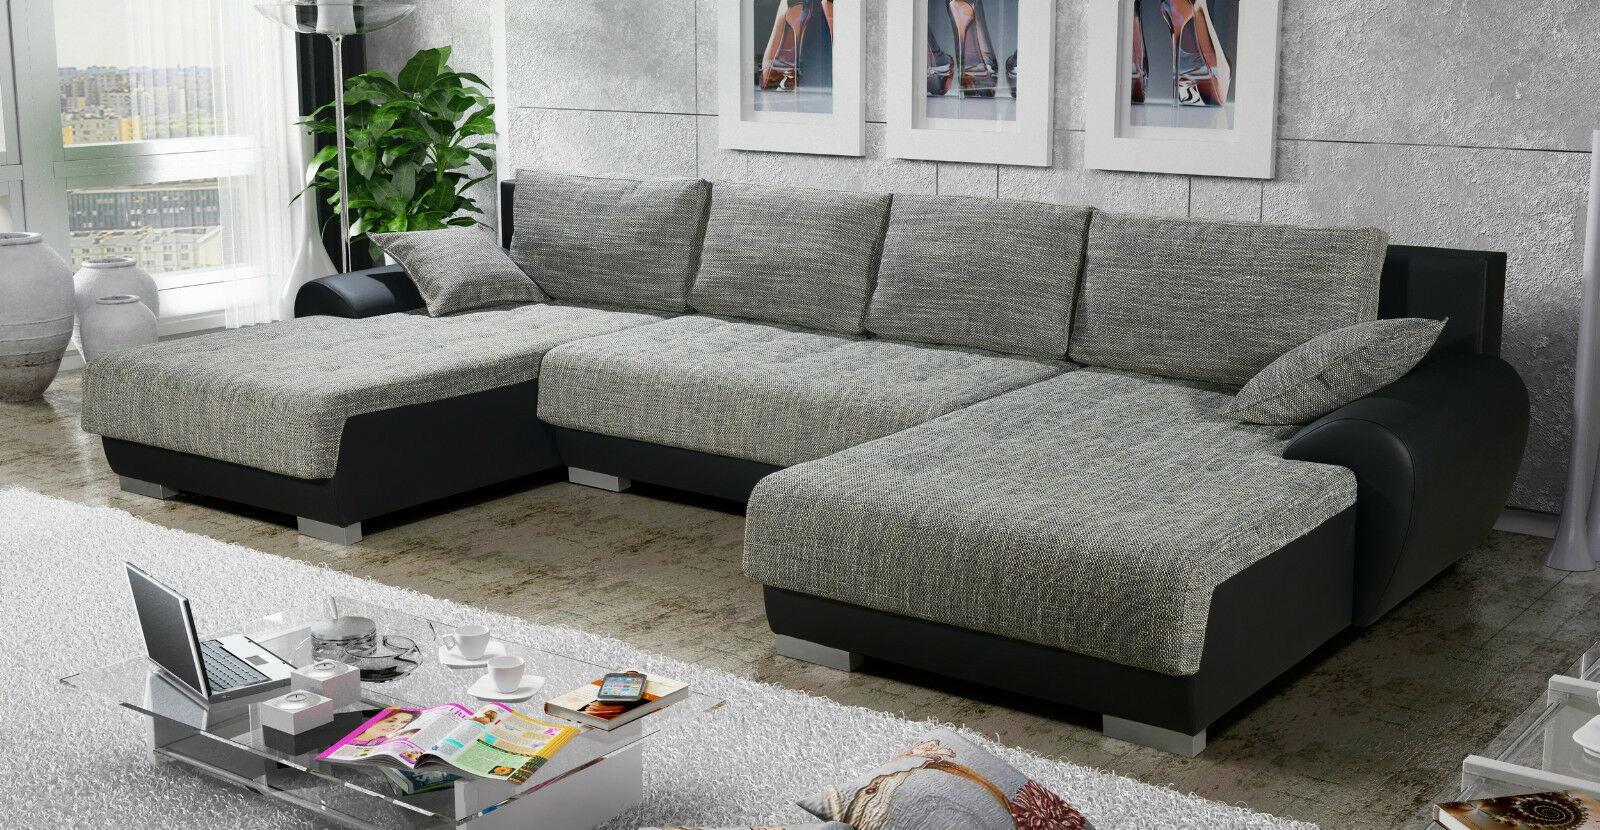 Couchgarnitur Couch Sofagarnitur Leon 6 U Sofa Wohnlandschaft